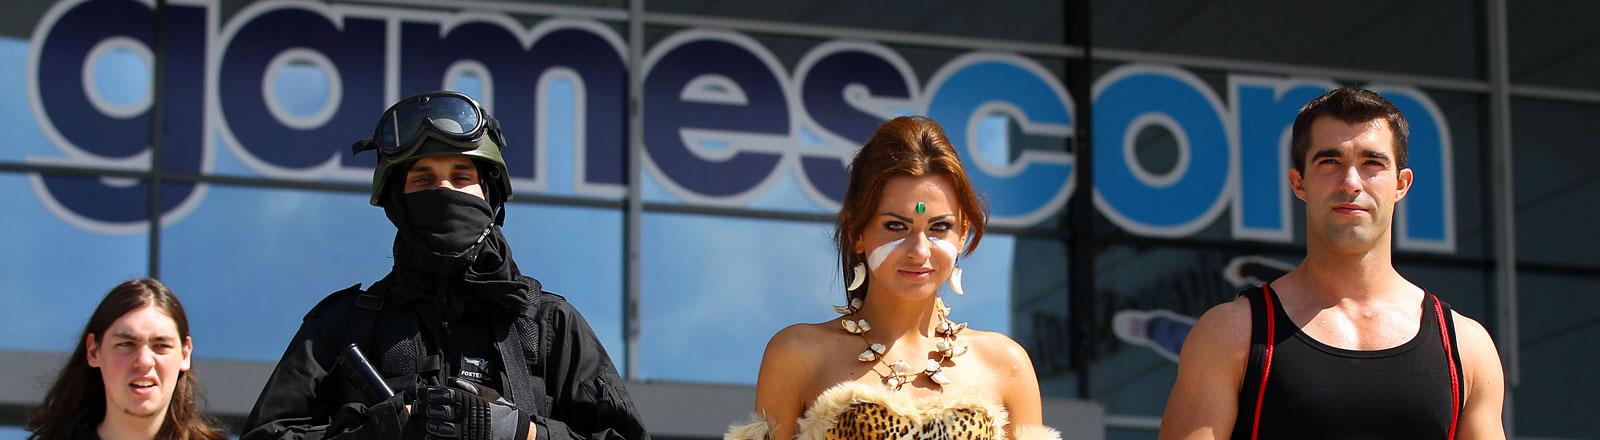 Computerspiele-Fans in Kostümen bei der Gamescom.